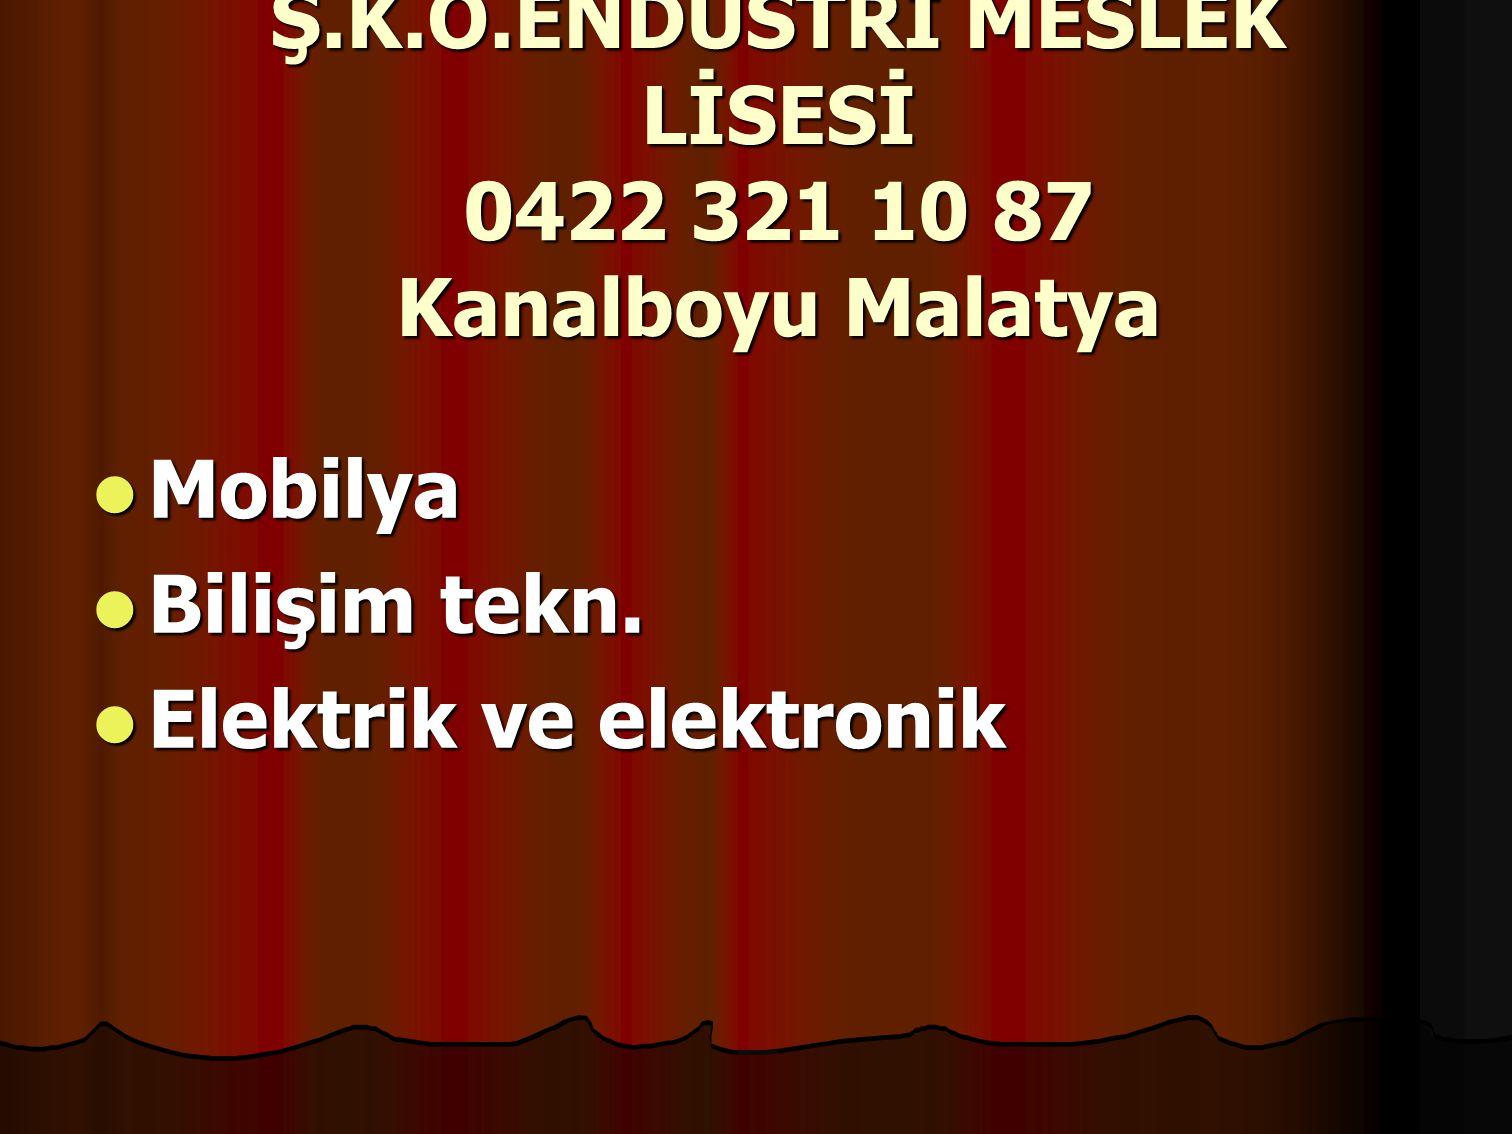 Ş.K.Ö.ENDÜSTRİ MESLEK LİSESİ 0422 321 10 87 Kanalboyu Malatya Mobilya Mobilya Bilişim tekn.